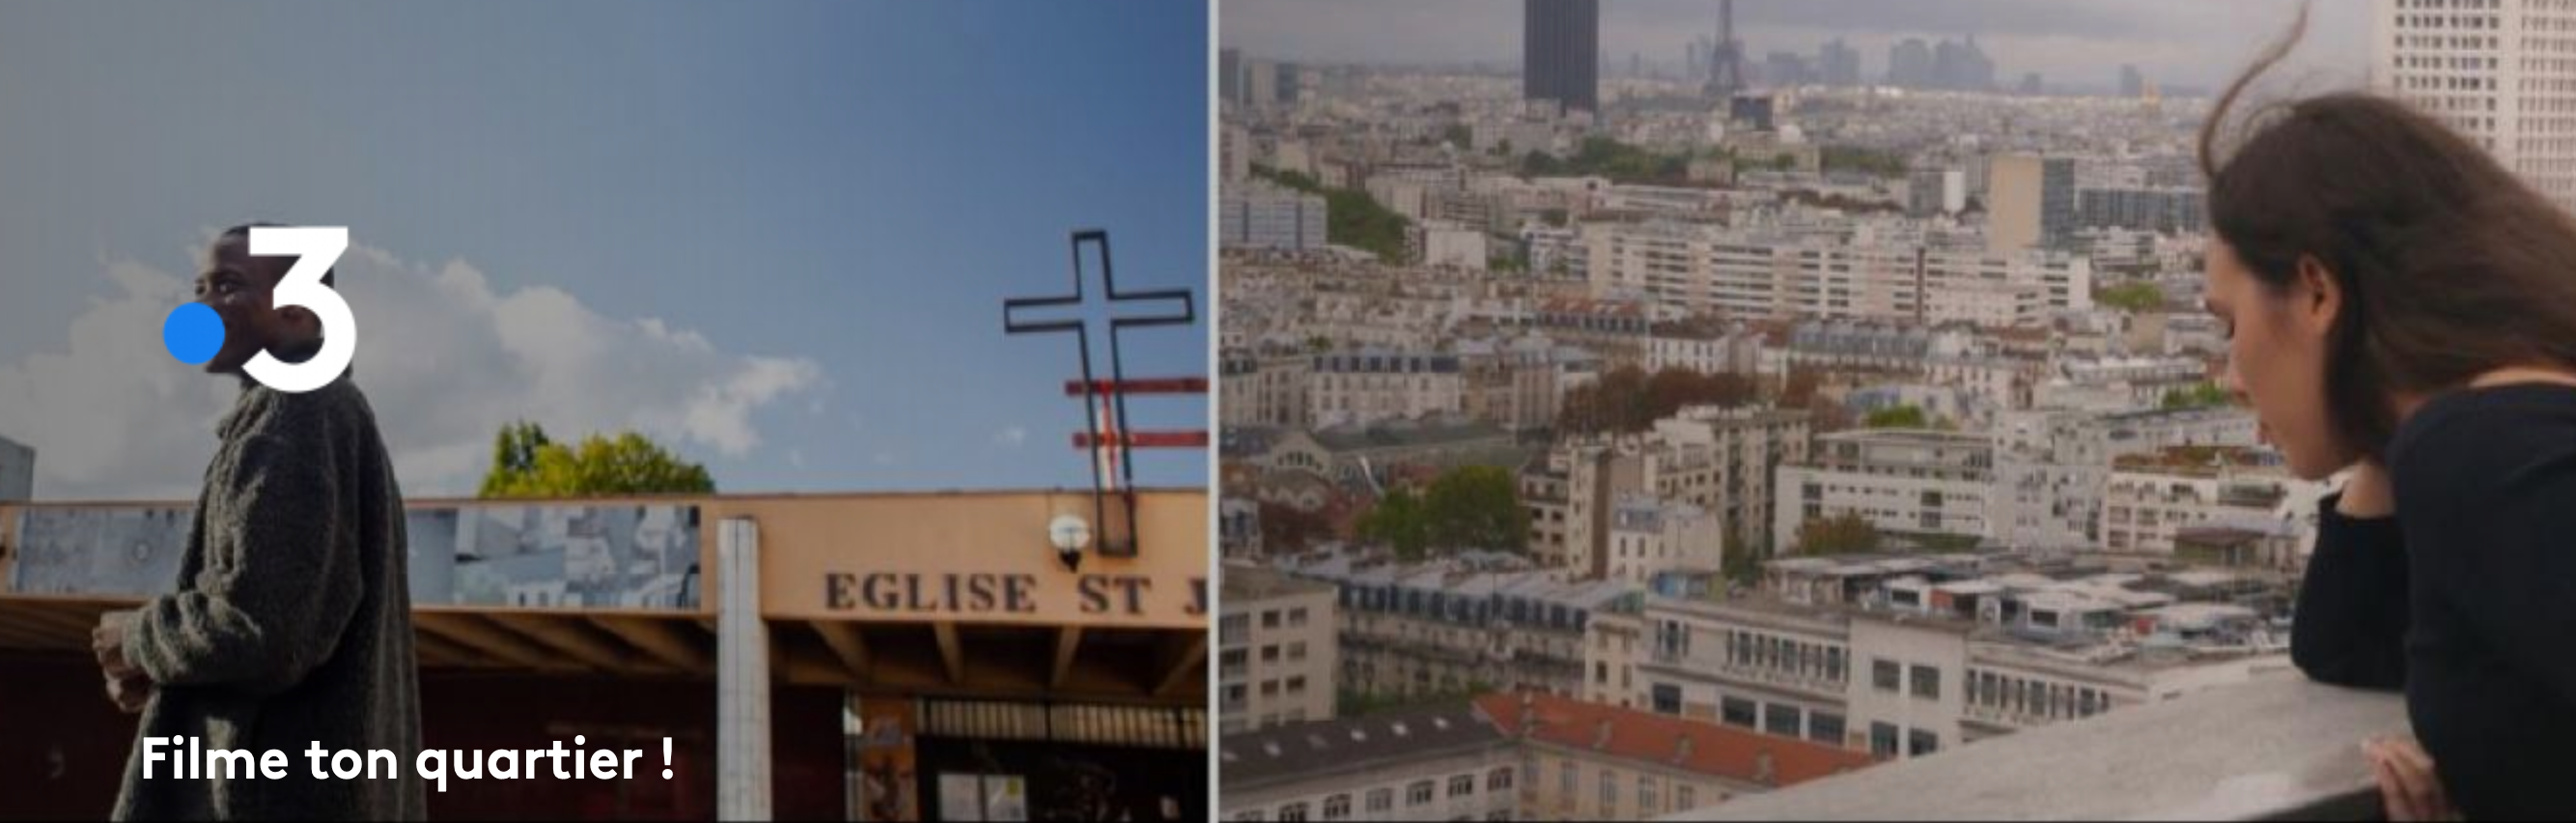 Filme ton quartier France 3